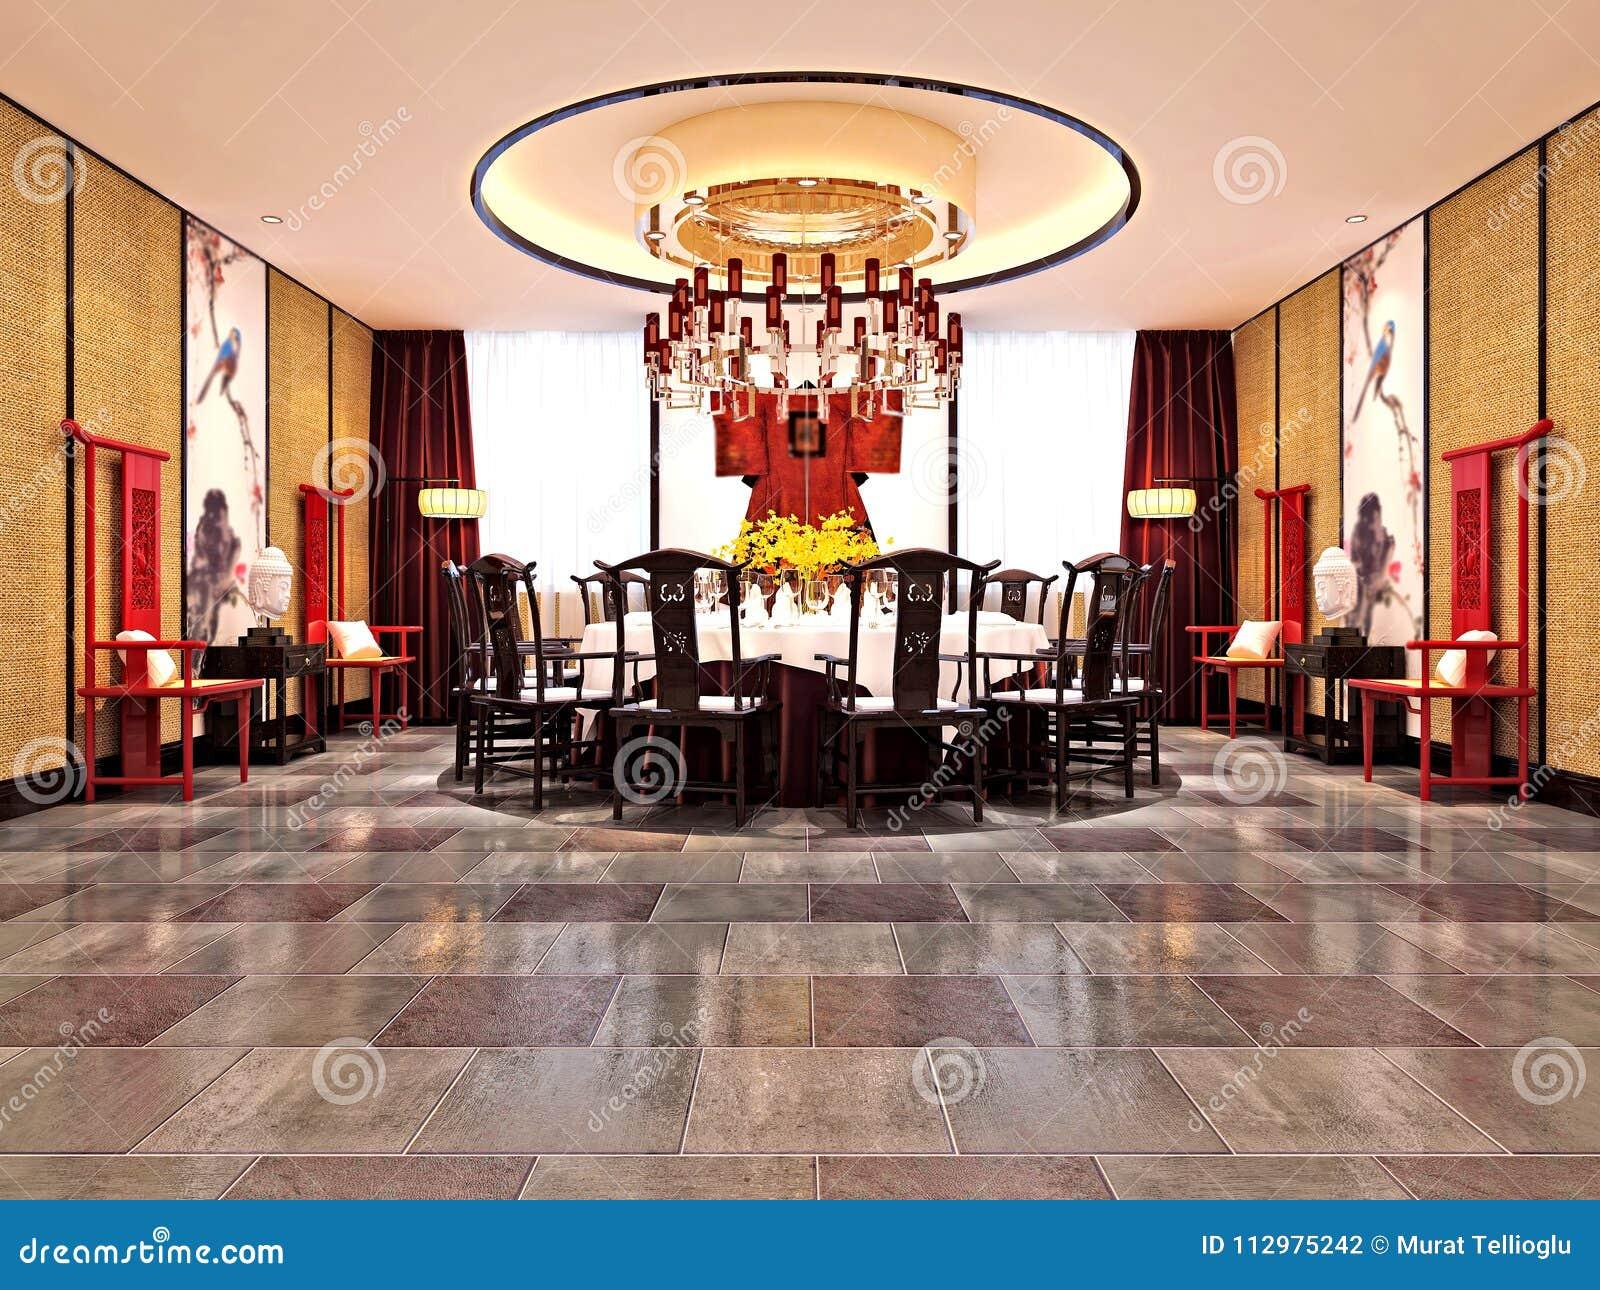 3d Render Of Luxury Dining Room